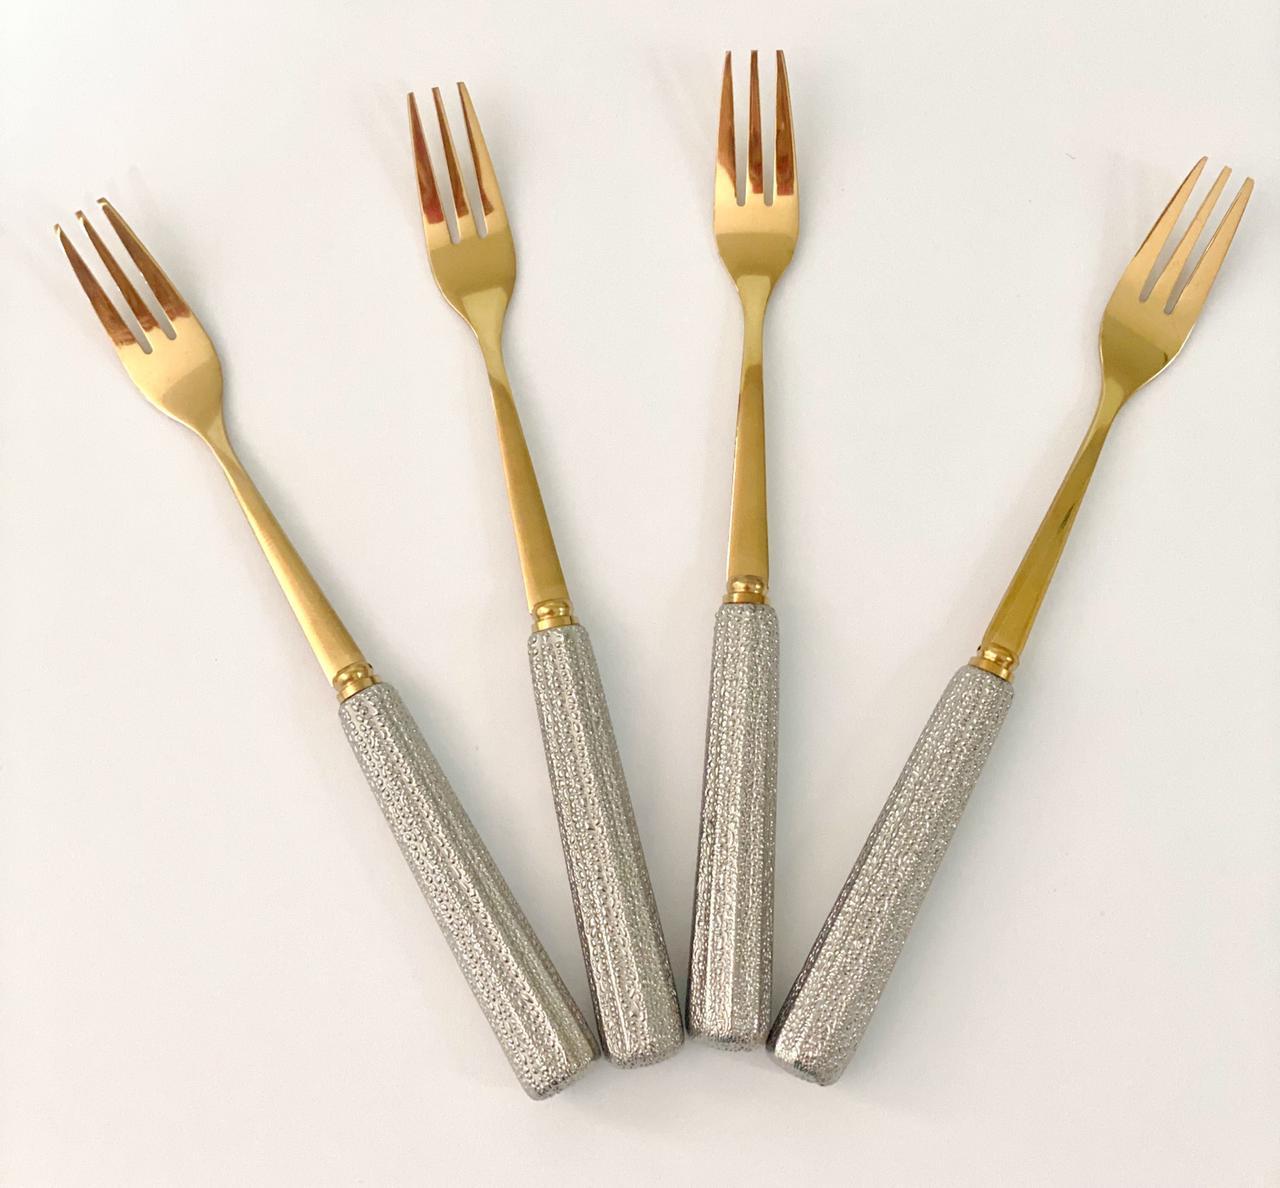 Conjunto com 4 Garfos para Sobremesa Dourada com Cabo Prata 16 cm Tableware Series